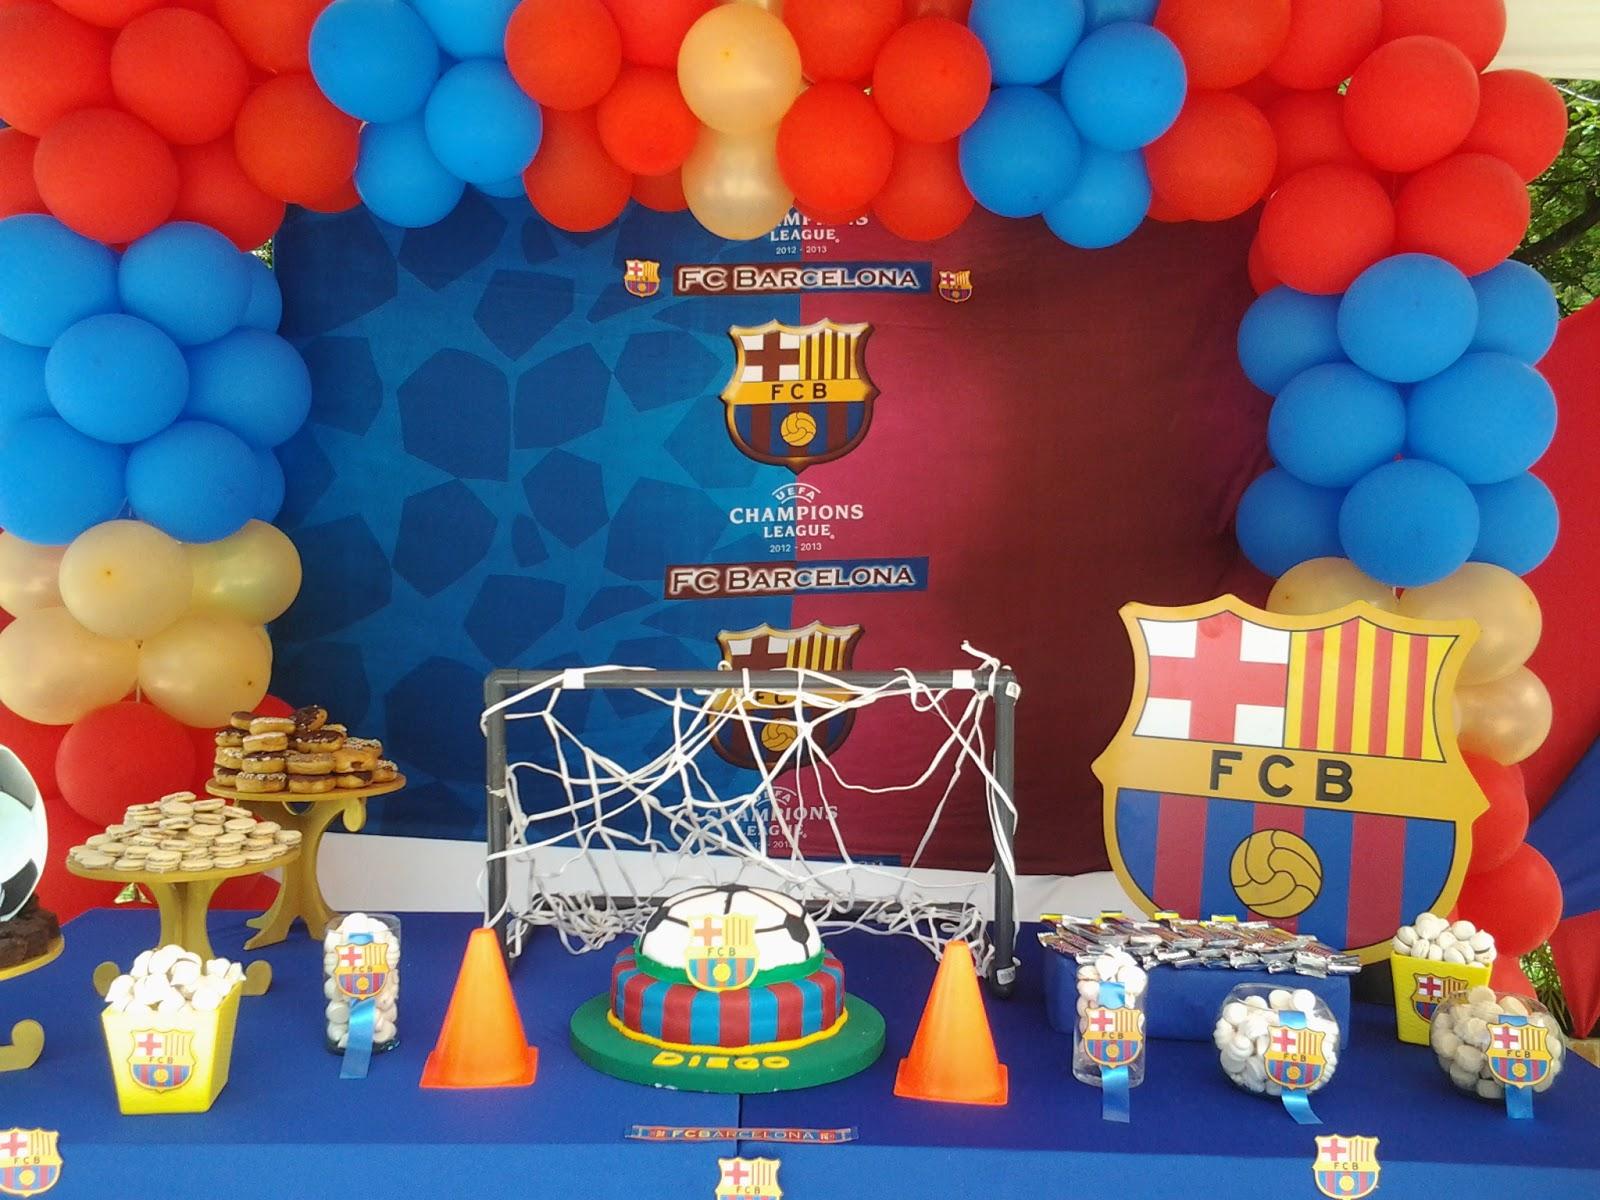 Decoraciones para mesa de cumpleanos - Decoraciones fiestas de cumpleanos ...